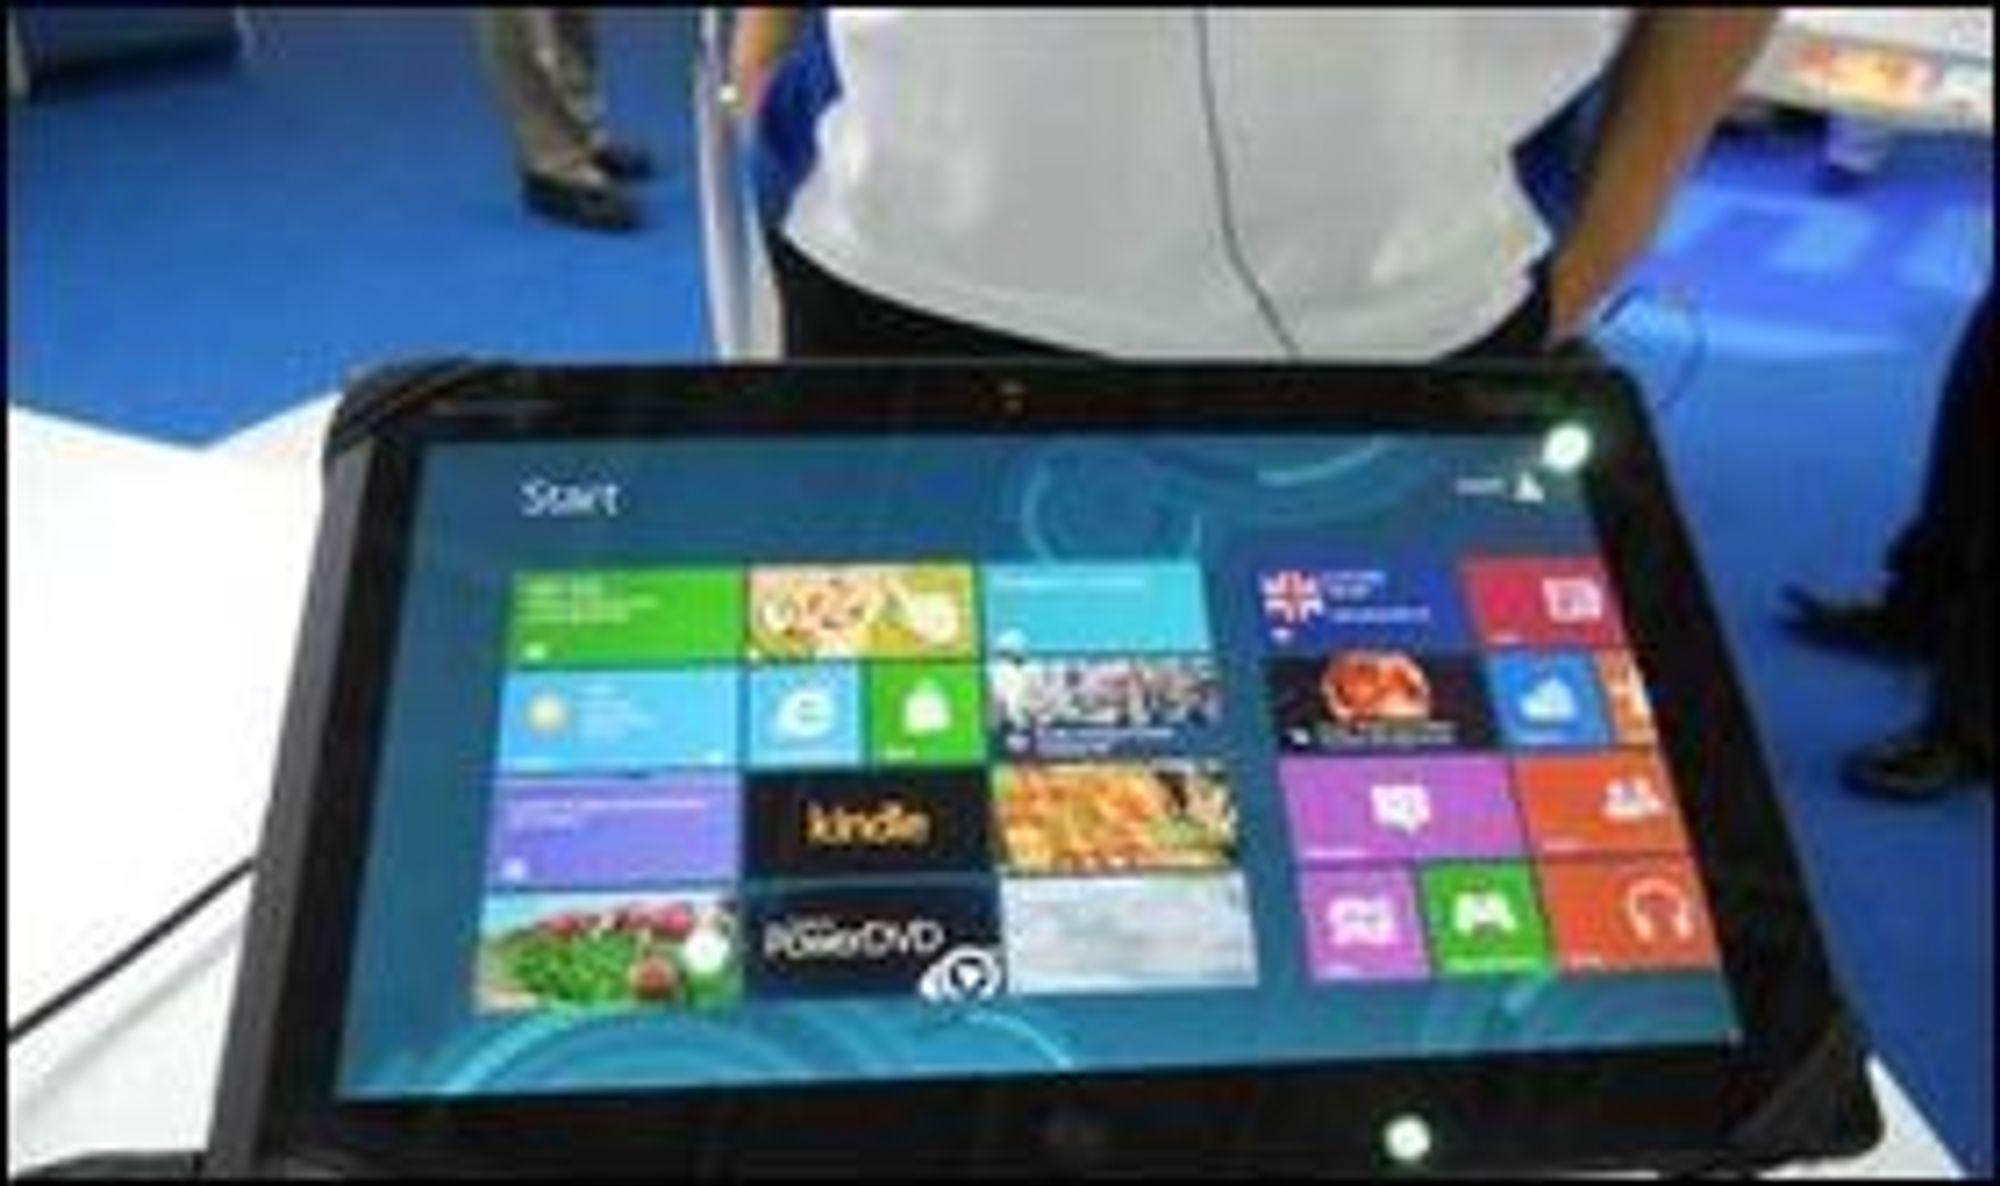 Windows 8 er særlig tilpasset nettbrett, og det blir lansert en rekke nye enheter som støtter Microsofts nye operativsystem. På bildet er et nettbrett fra Lenovo.